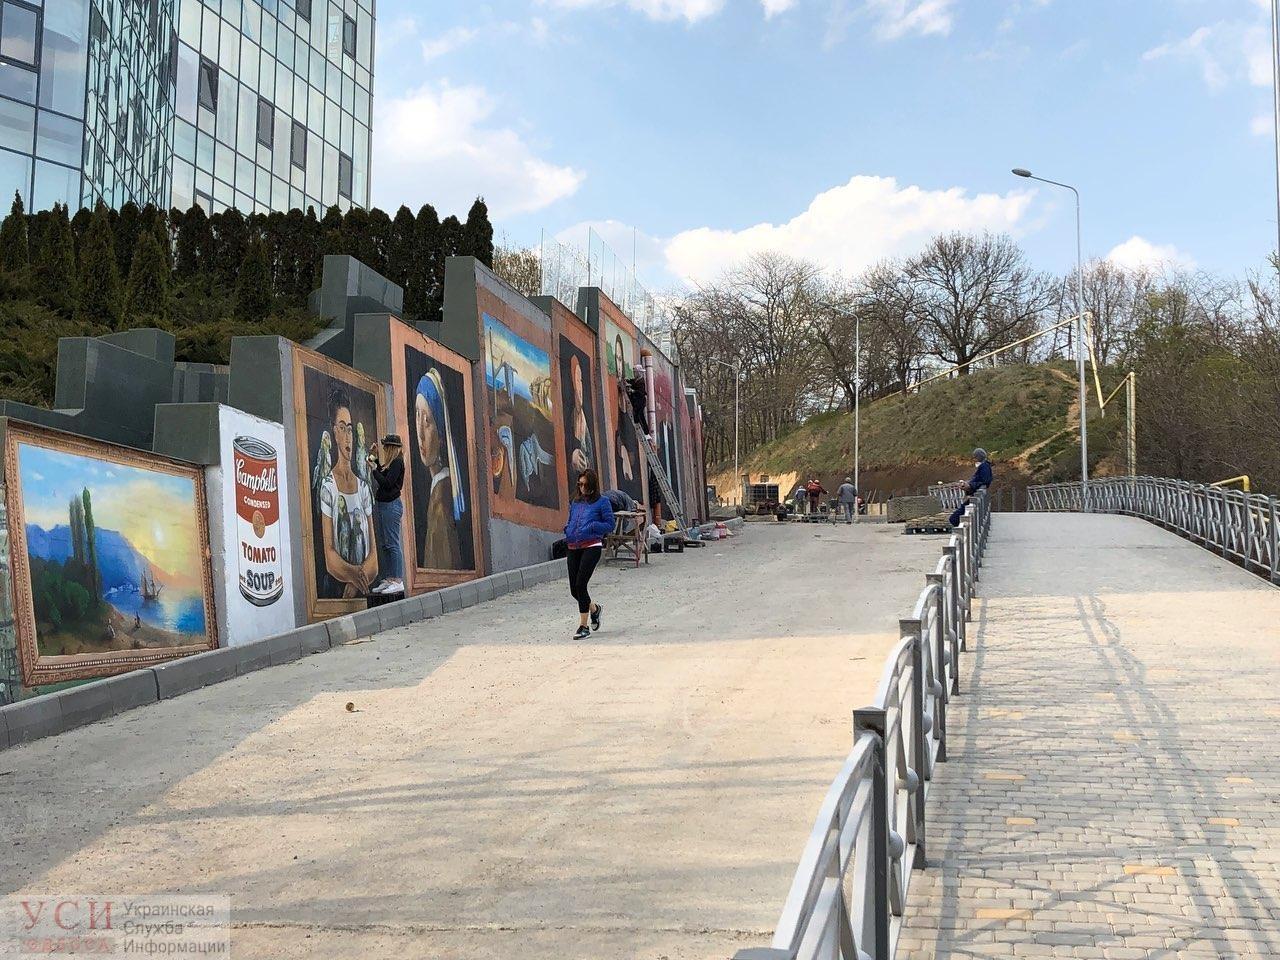 На спуске к Трассе Здоровья нарисовали известные картины - Одесса ...